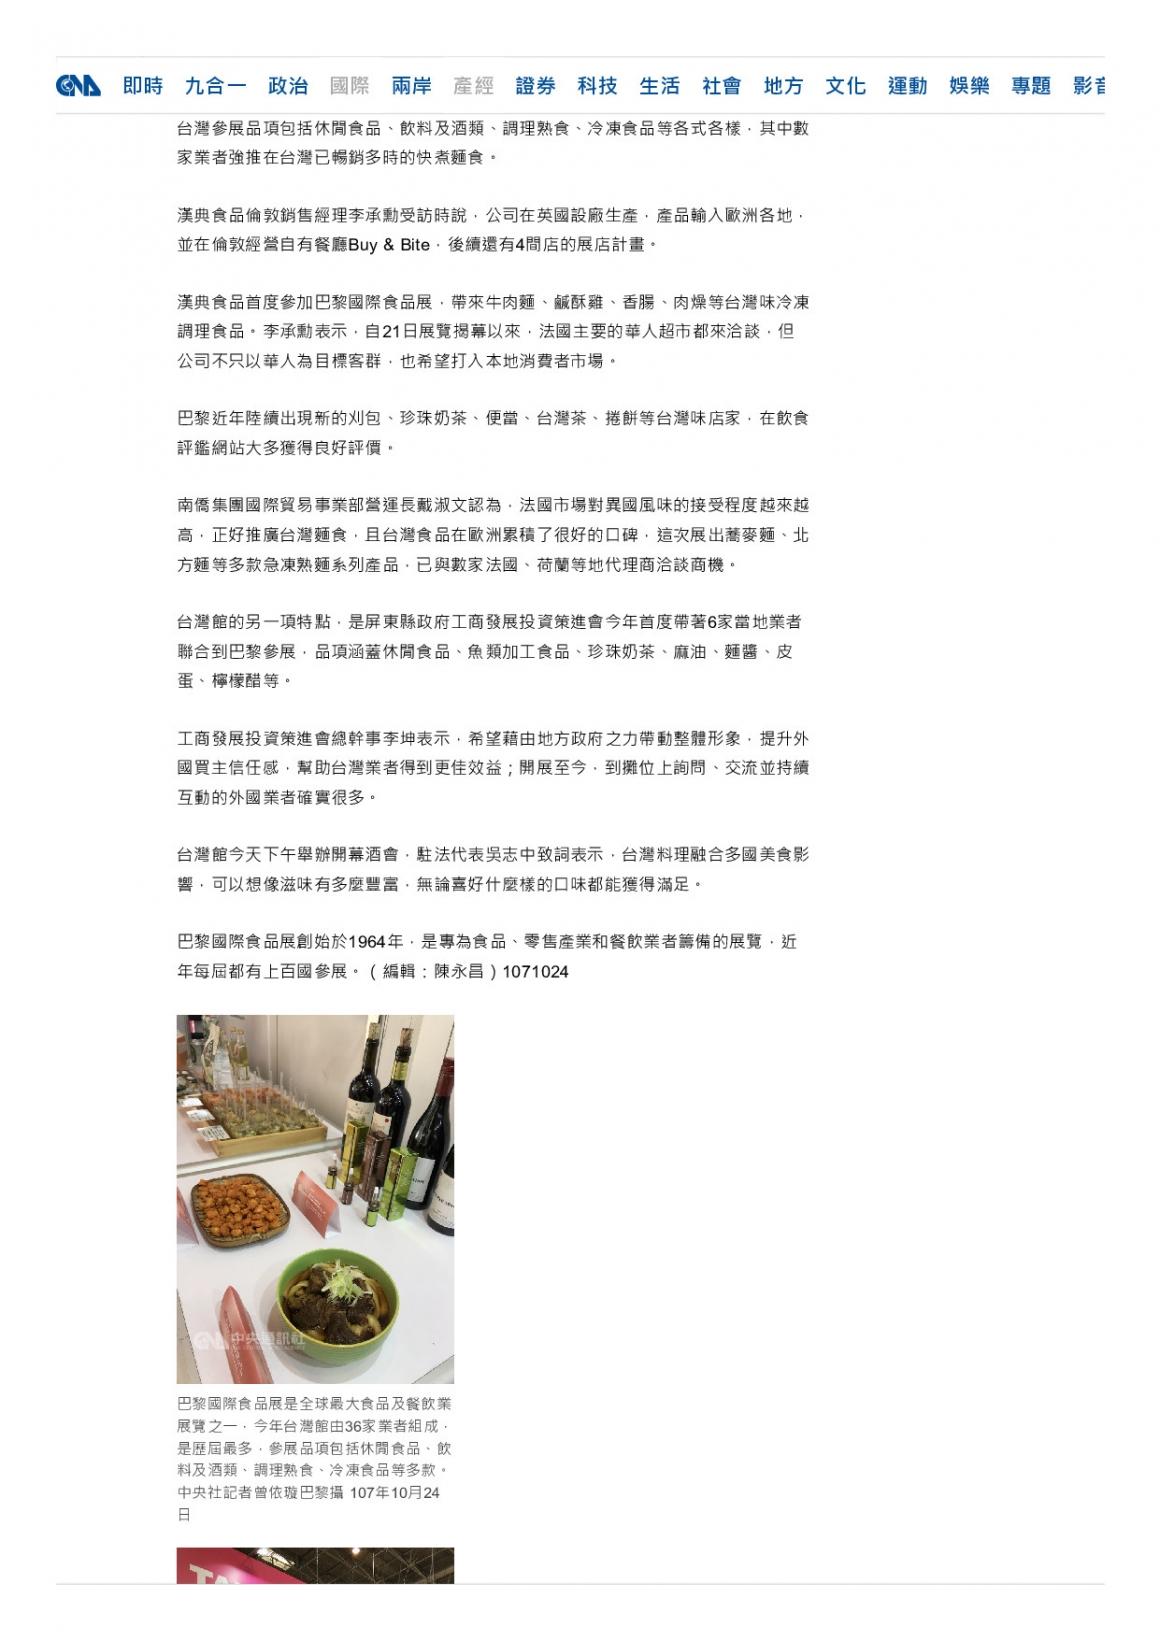 4.1.1台灣暢銷快煮麵搶進歐洲 業者看好法國市場 _ 產經 _ 中央社 CNA_002